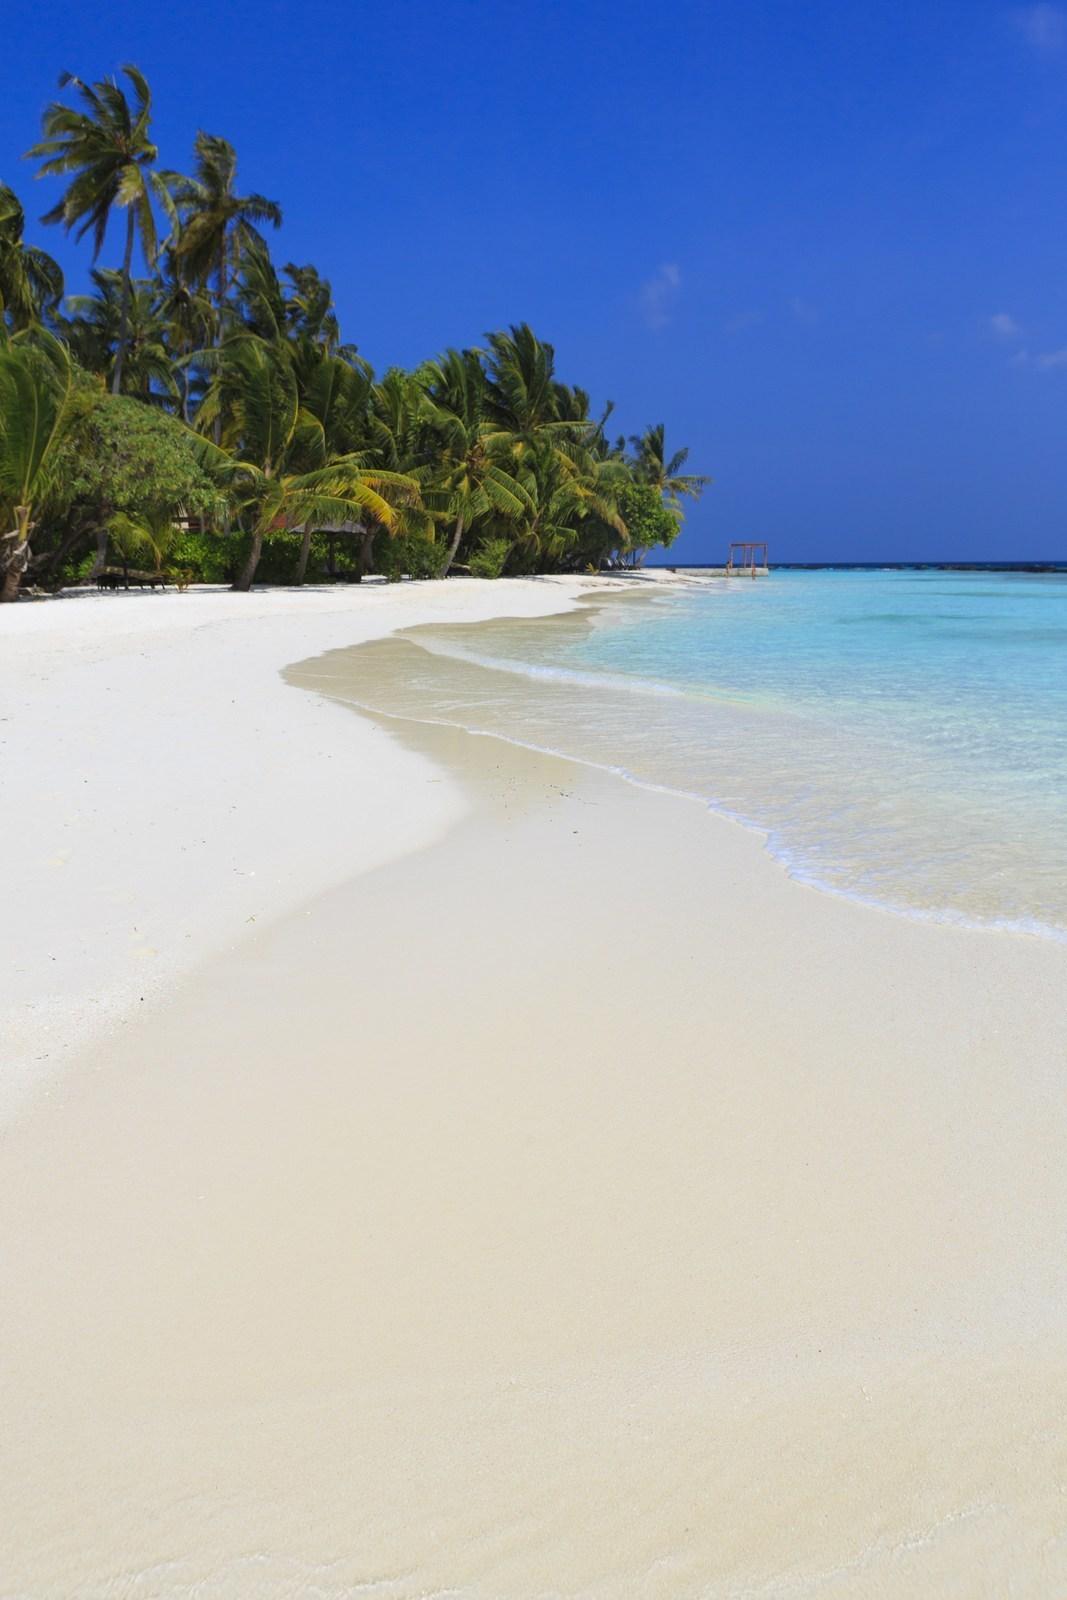 Мальдивы, отель Kurumba Maldives, пляж